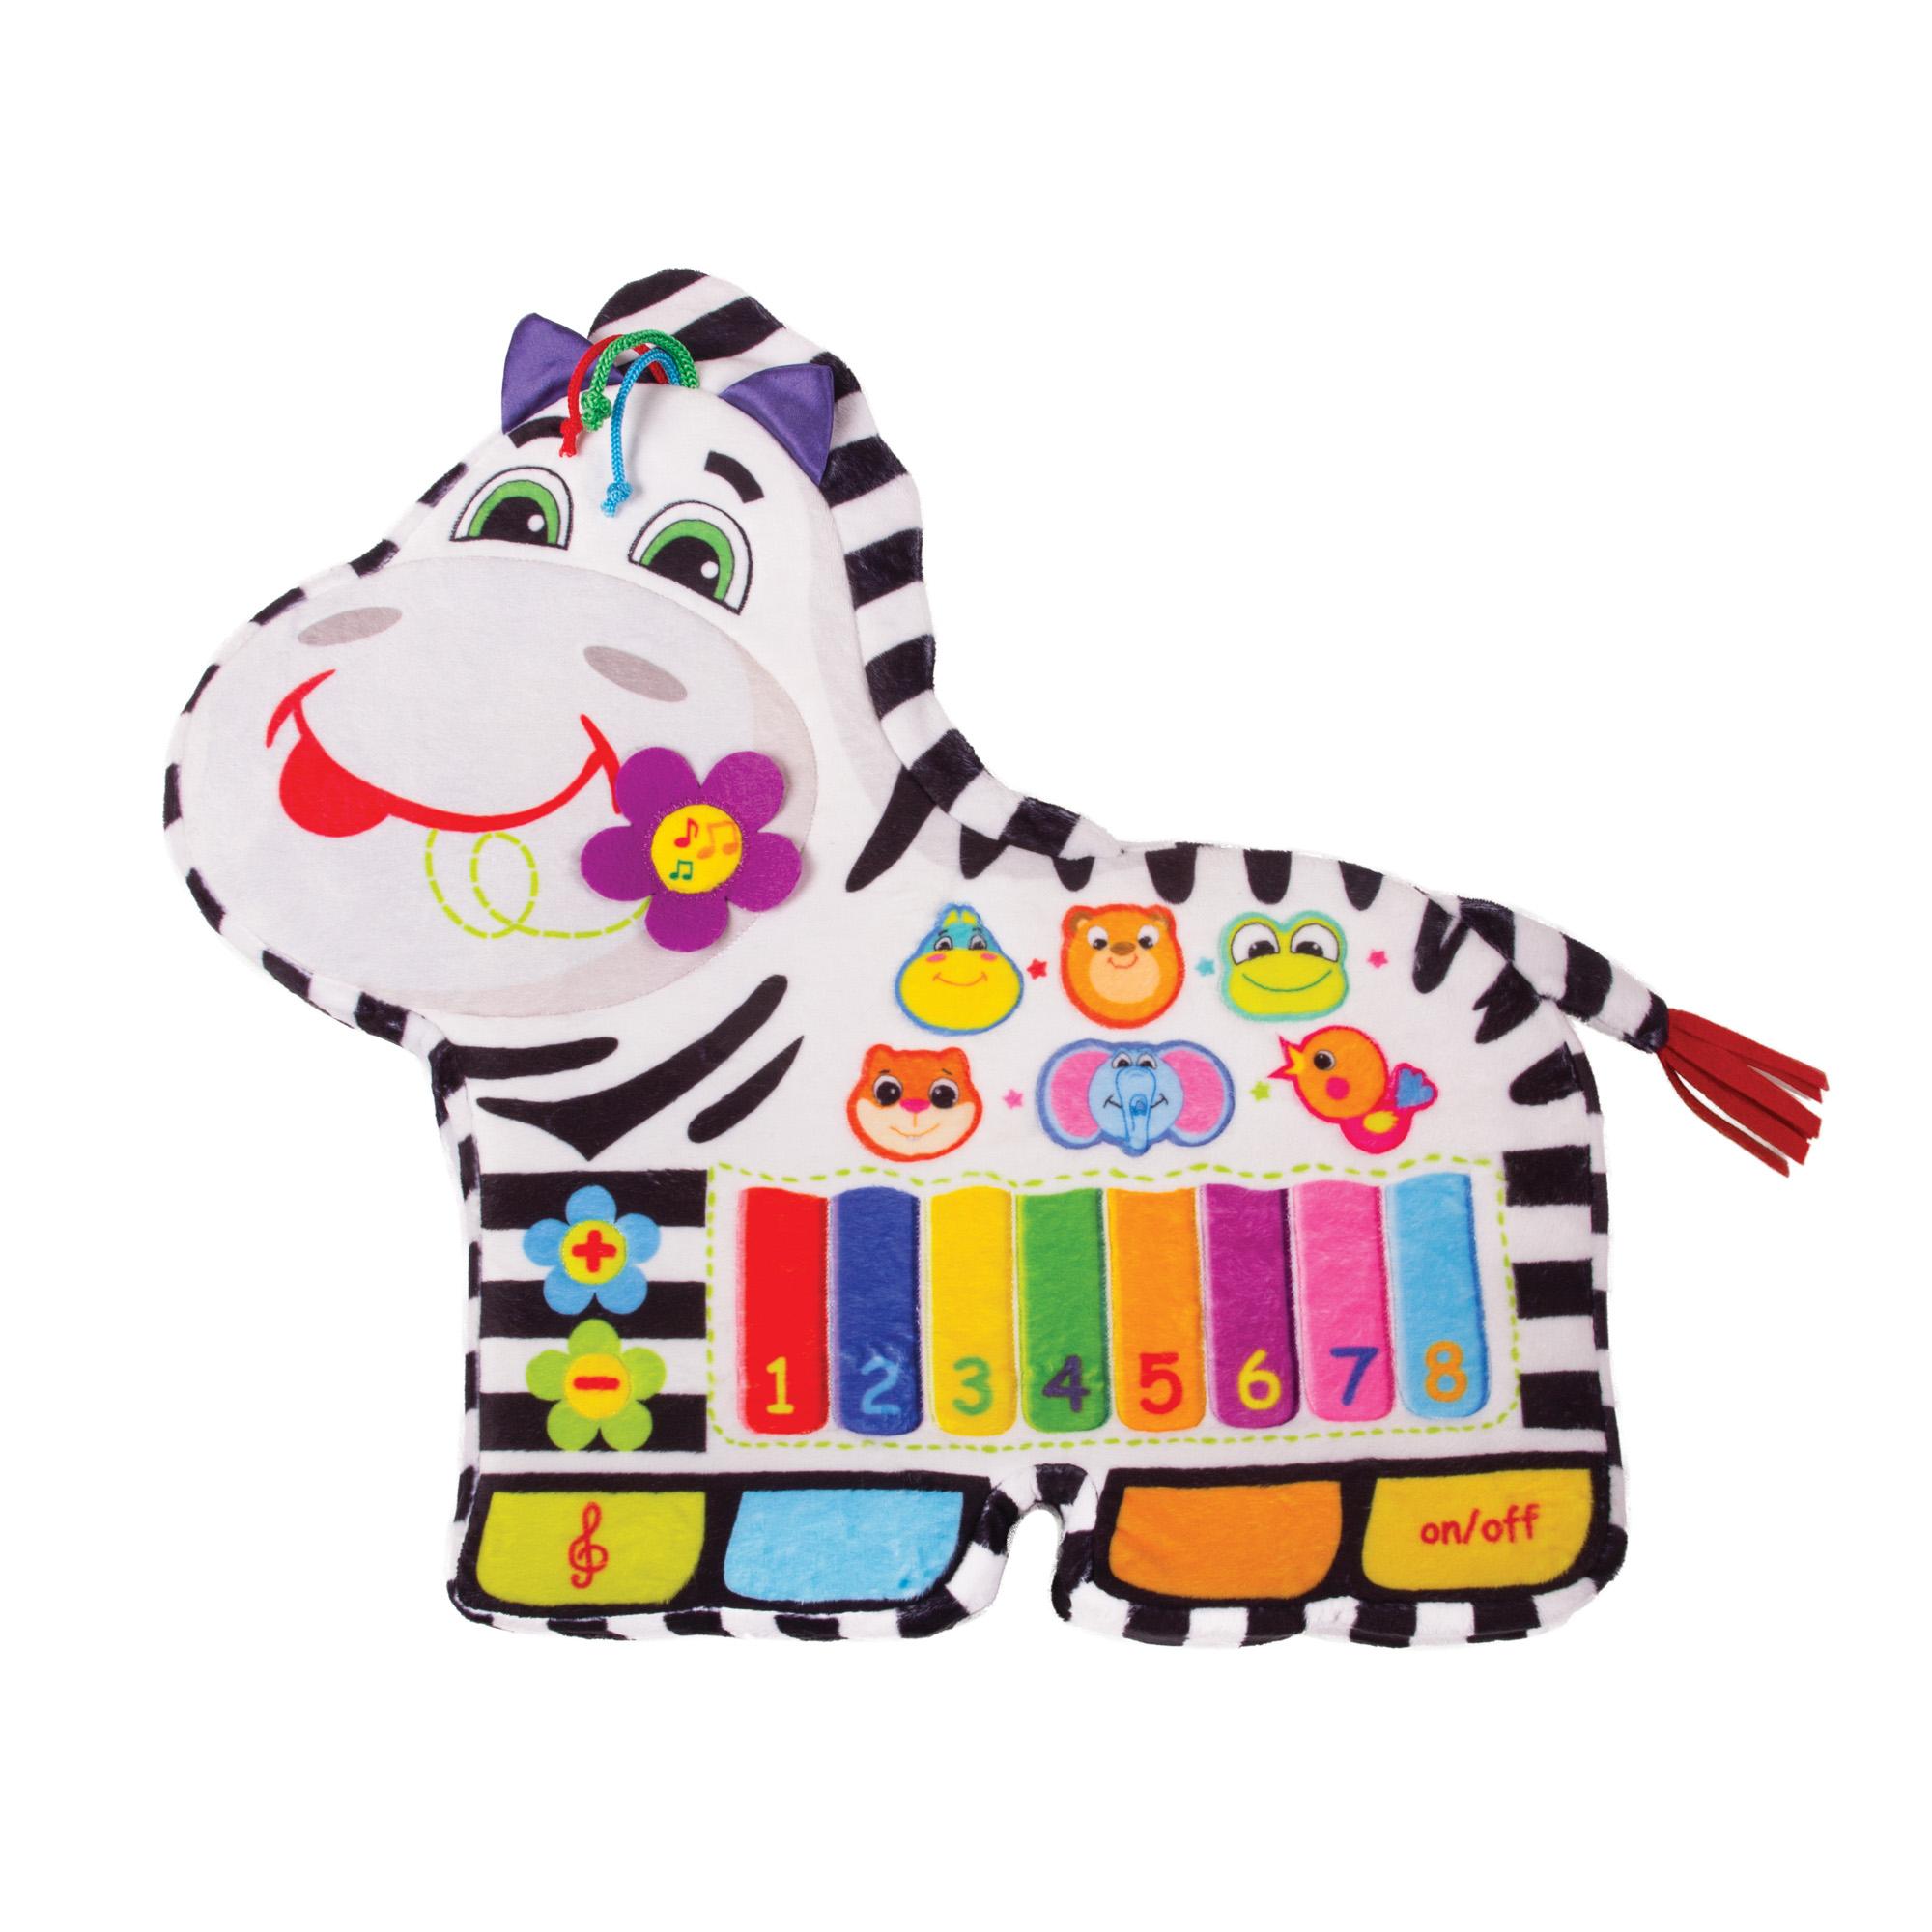 Купить Музыкальная игрушка, Песни Фру-Фру 17HS01IFR, Happy Snail, Китай, текстиль, пластмасса